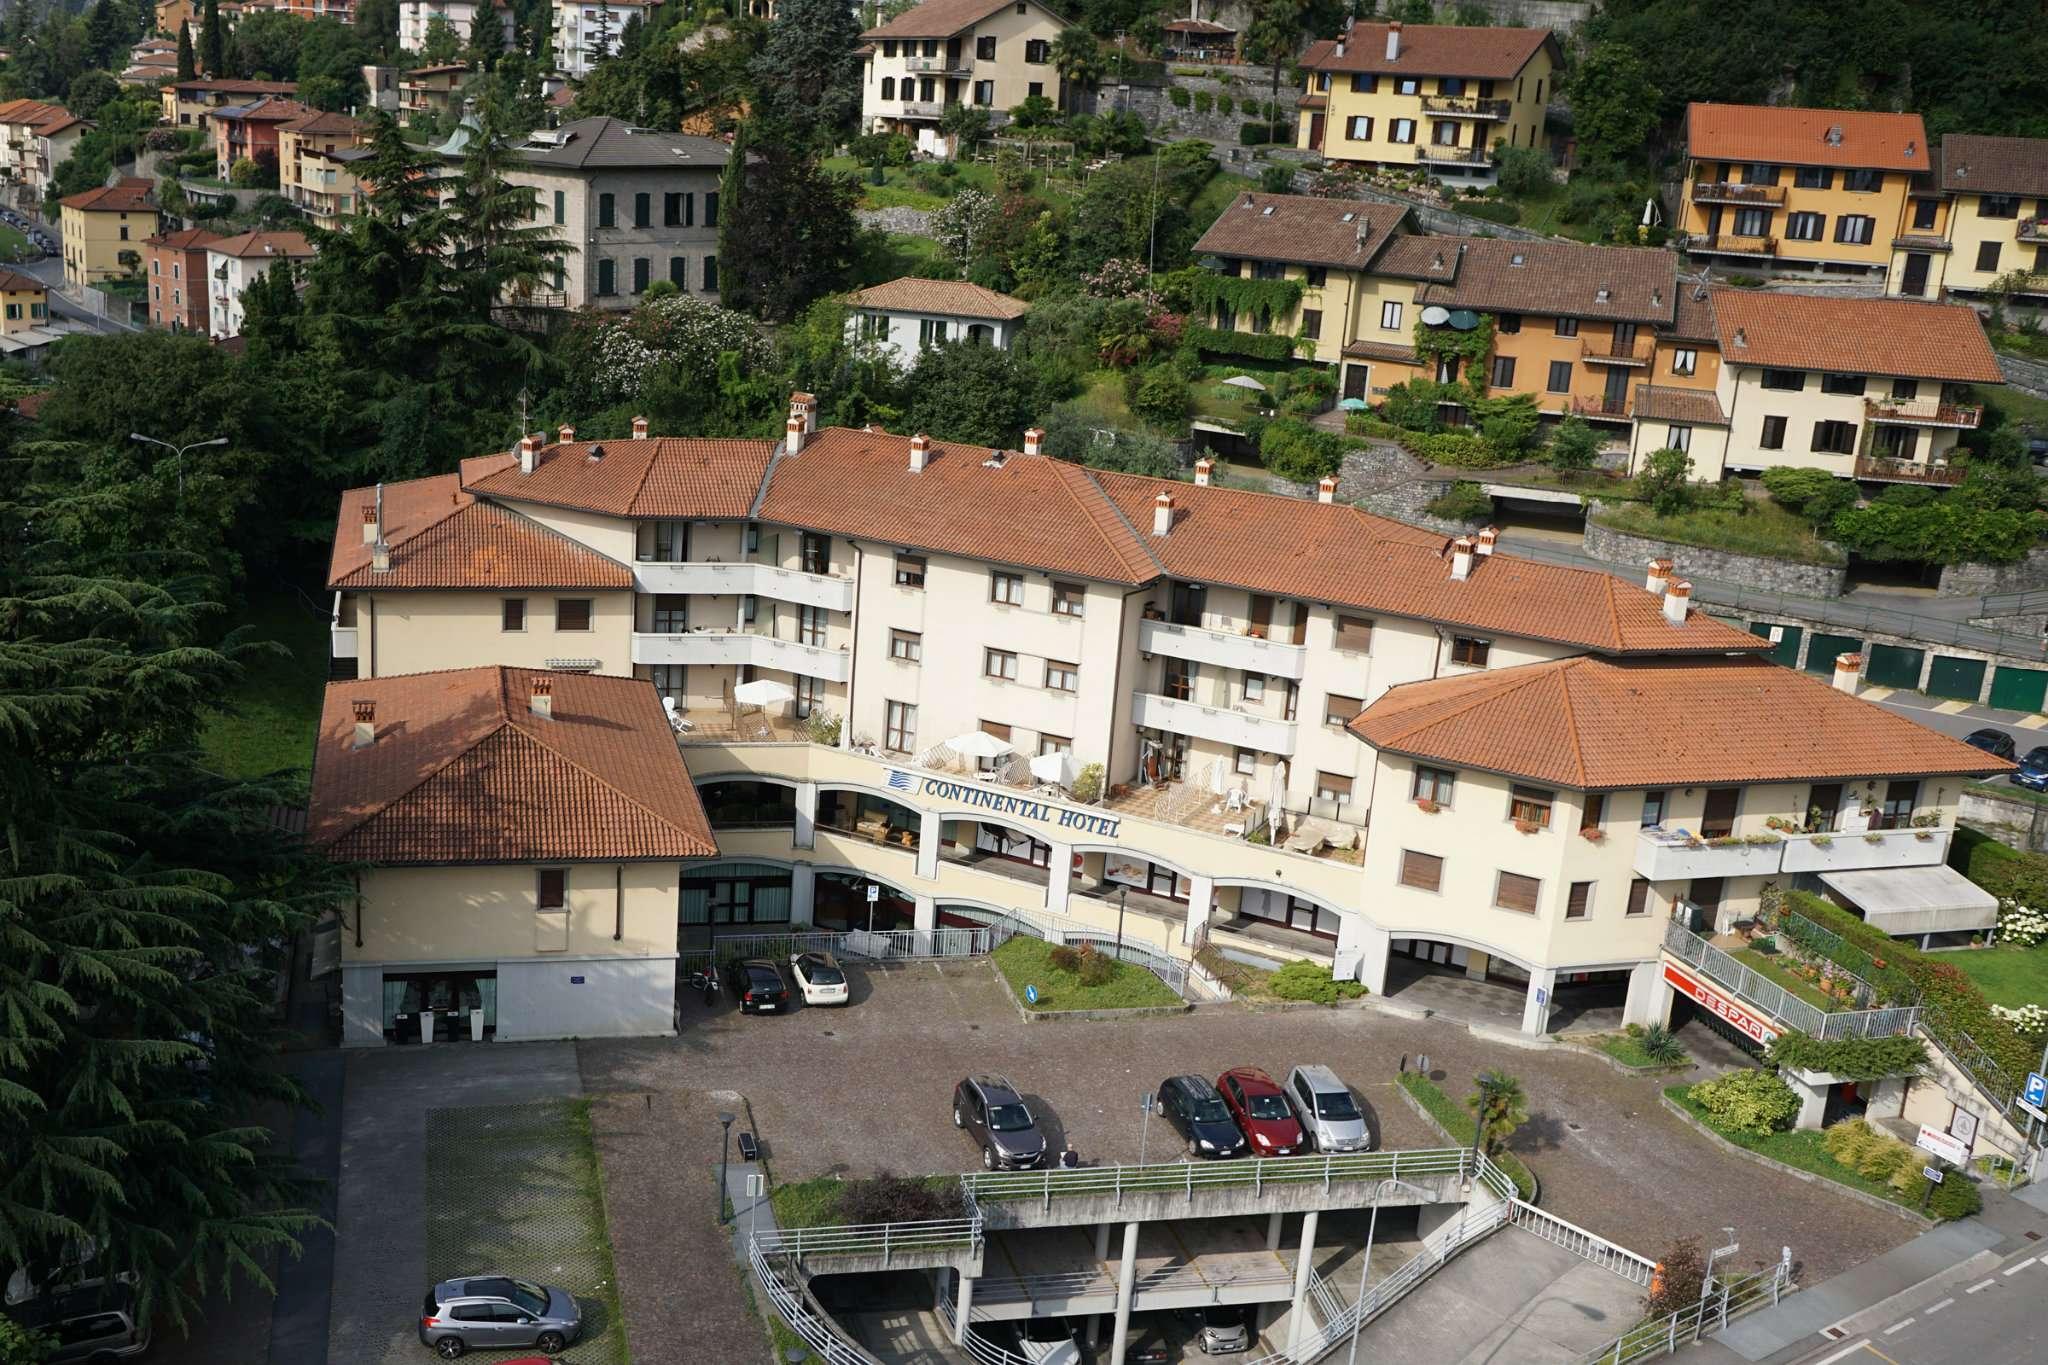 Appartamento in vendita a Lovere, 3 locali, prezzo € 220.000 | CambioCasa.it